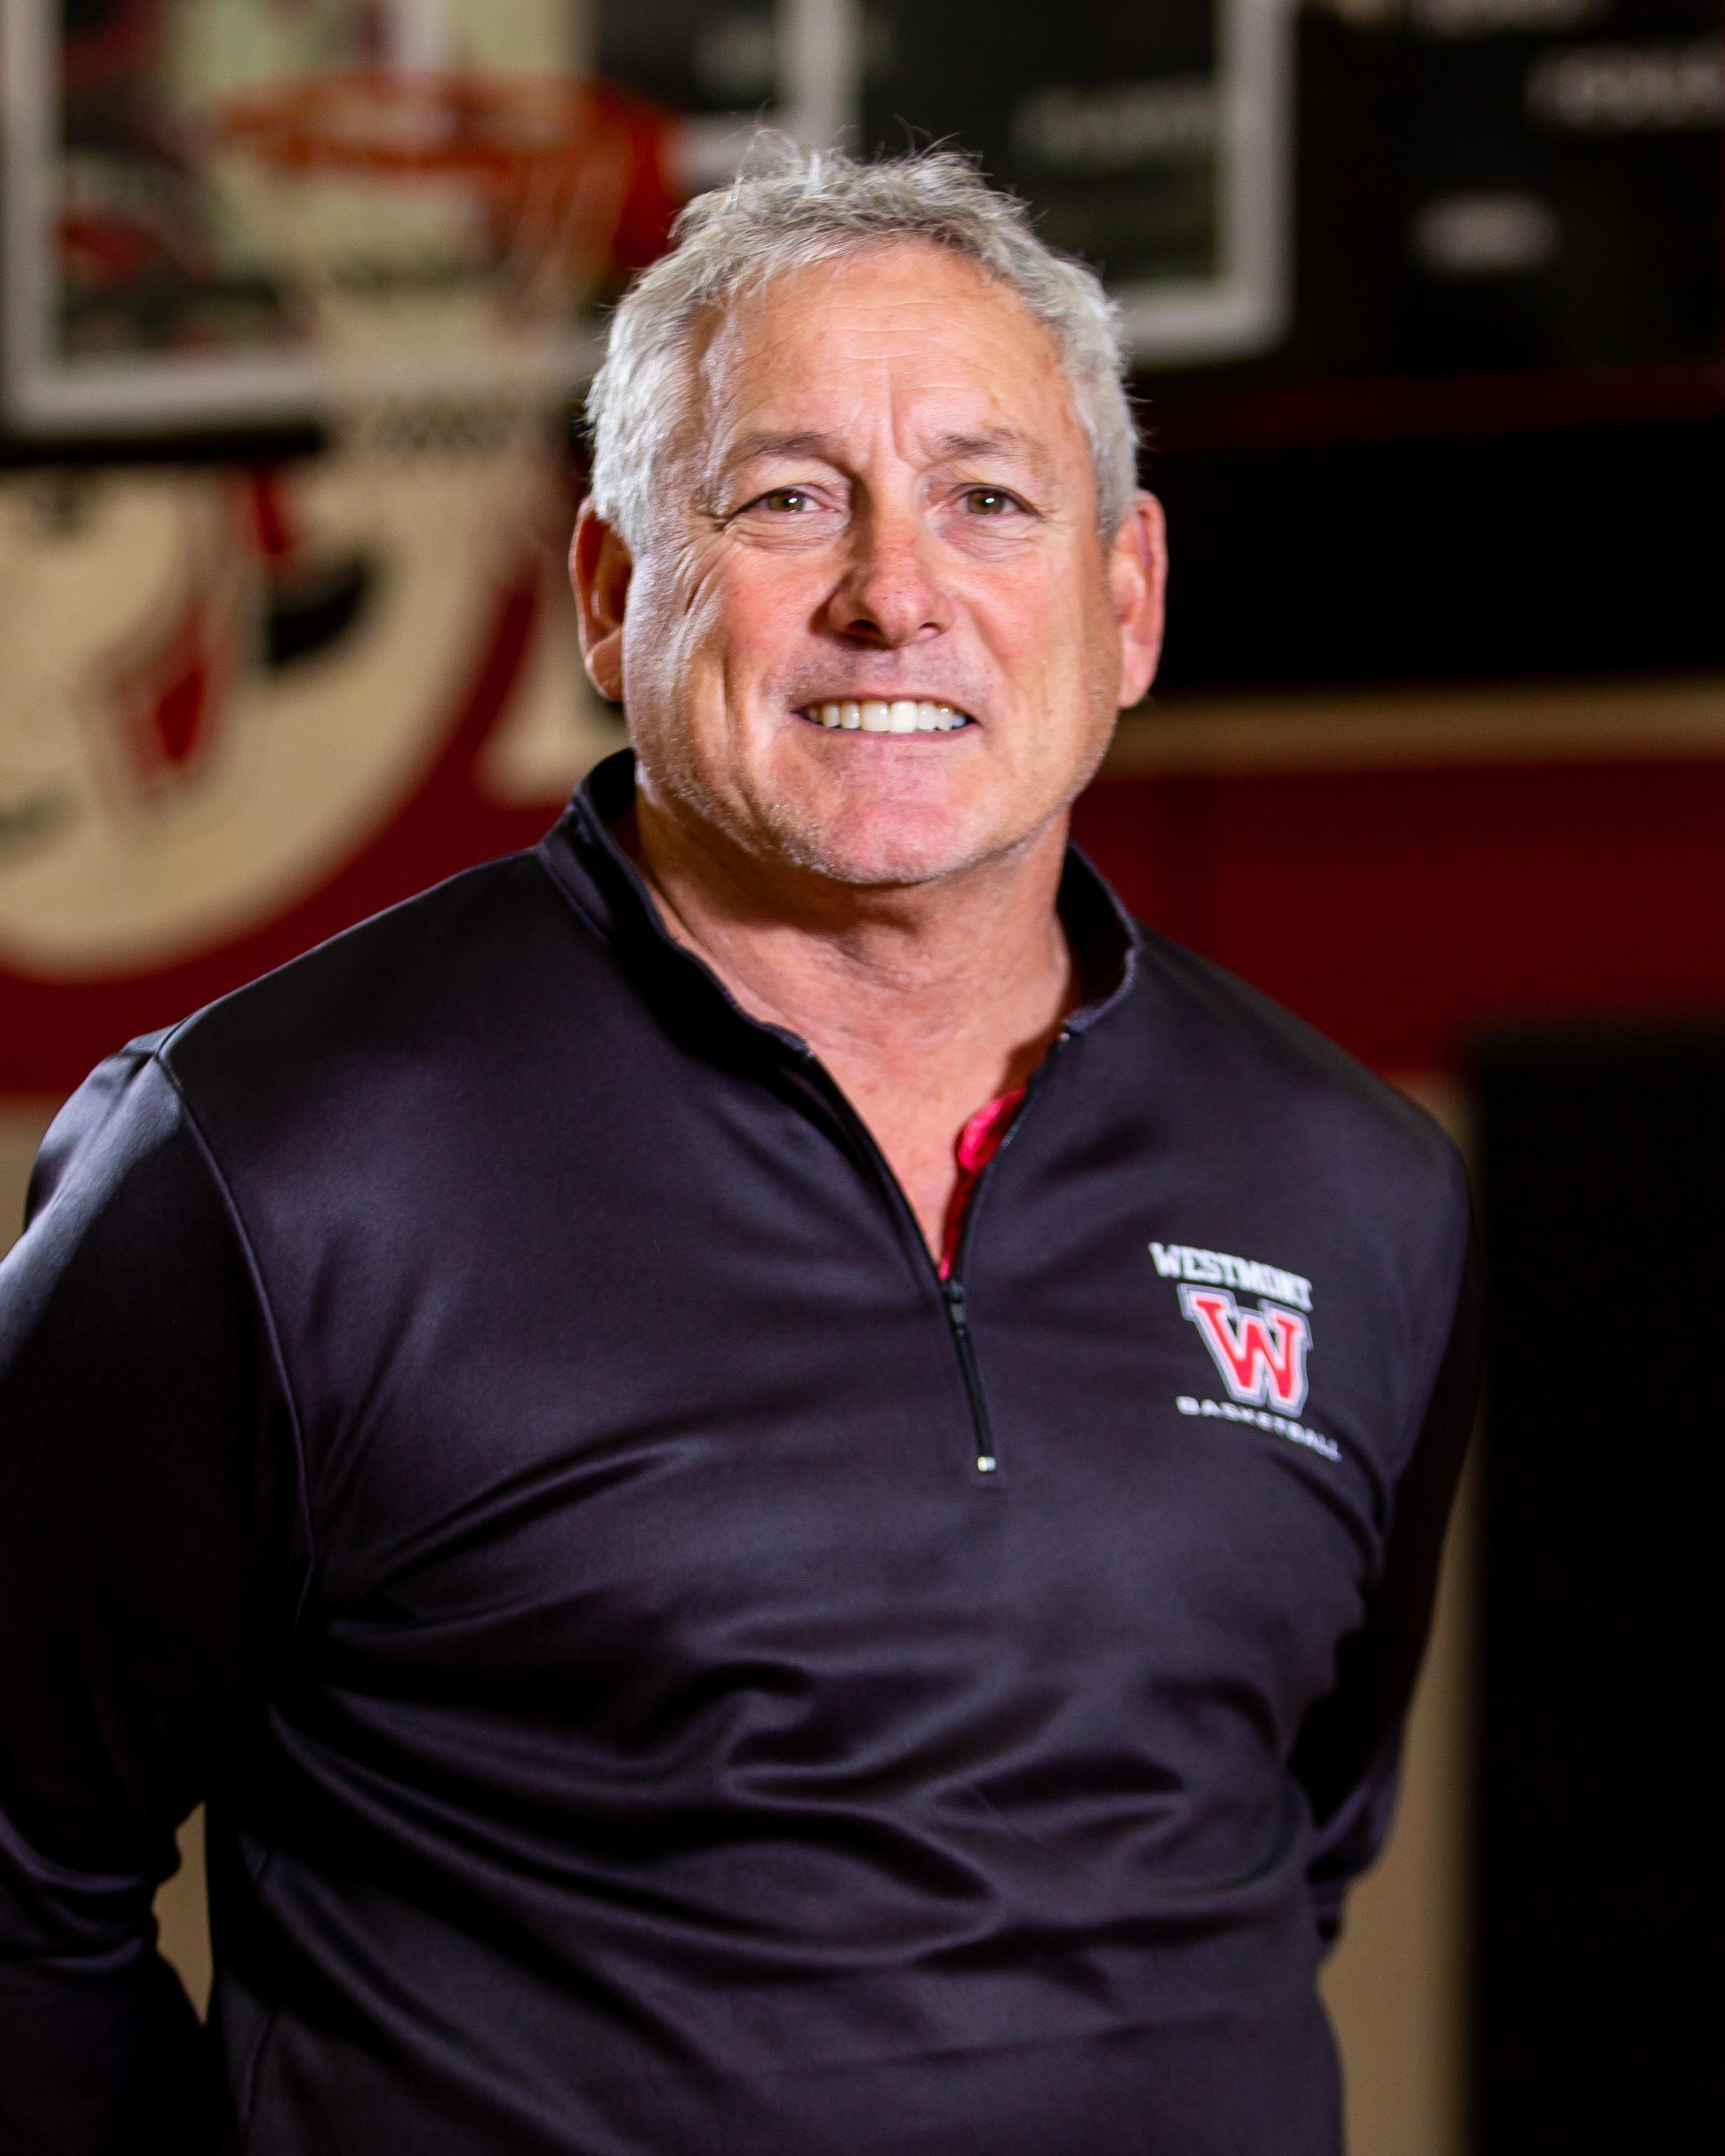 Head Varsity Coach, John Franza